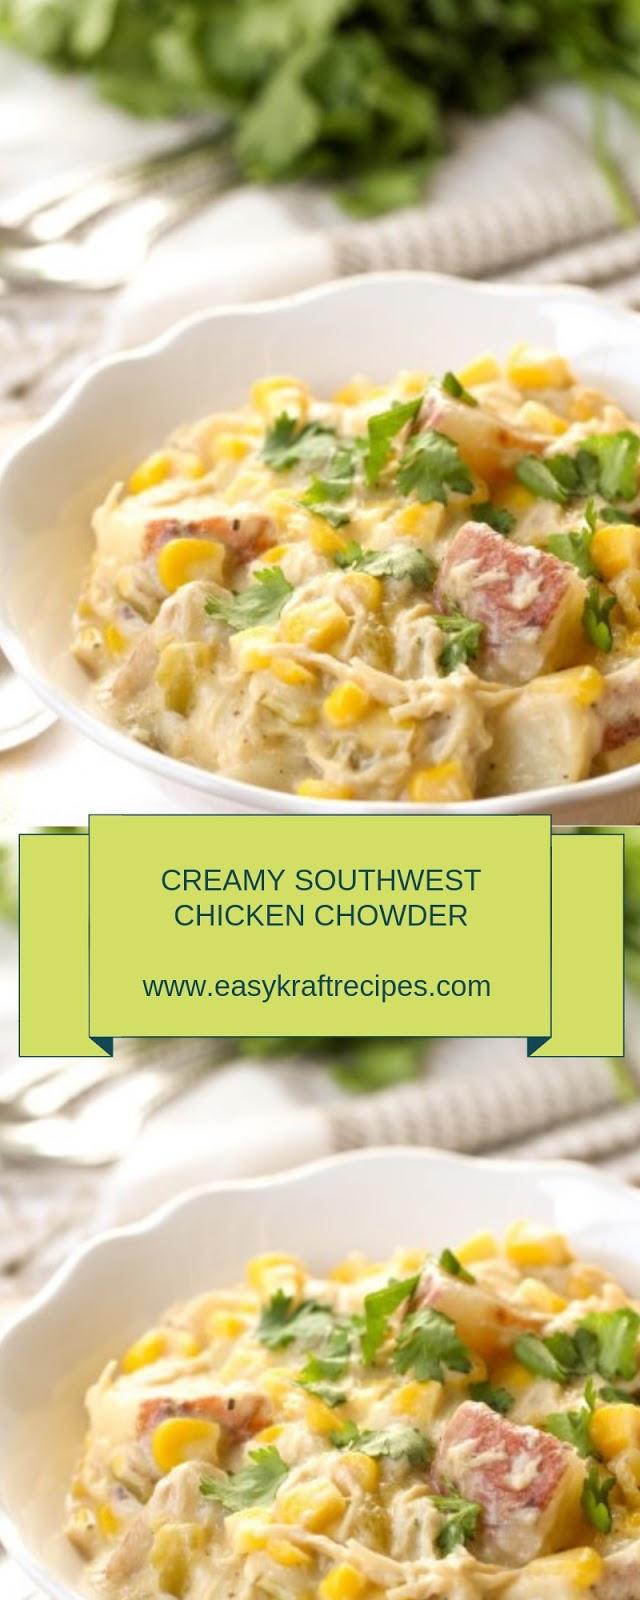 CREAMY SOUTHWEST CHICKEN CHOWDER RECIPE